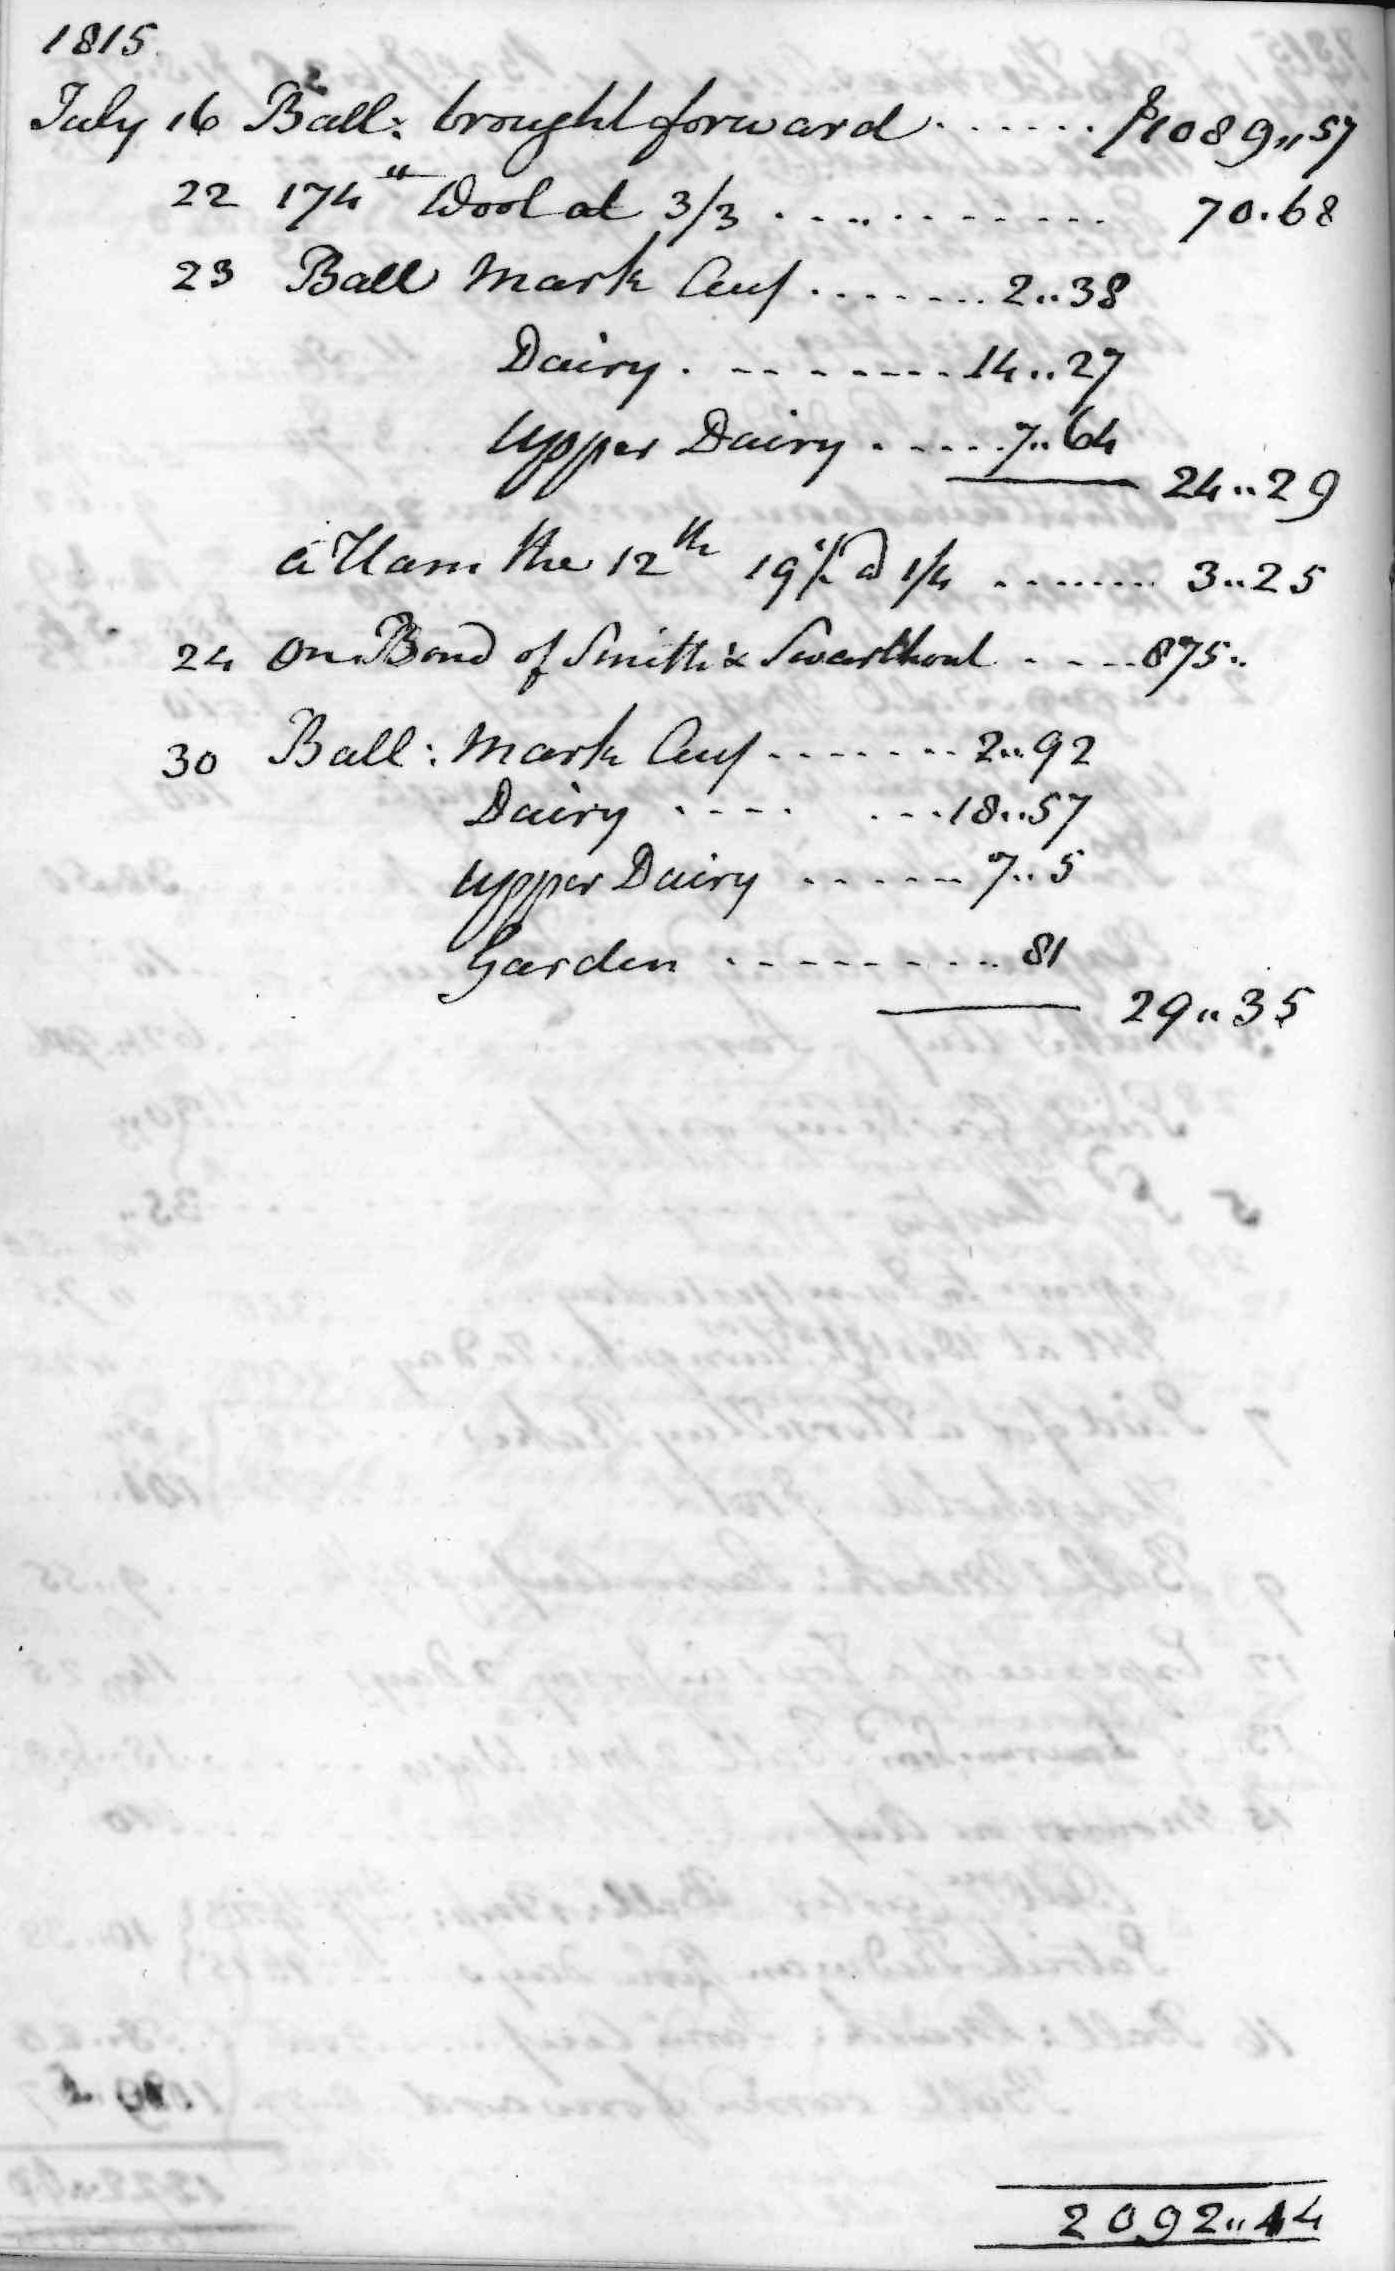 Gouverneur Morris Cash Book, folio 44, left side